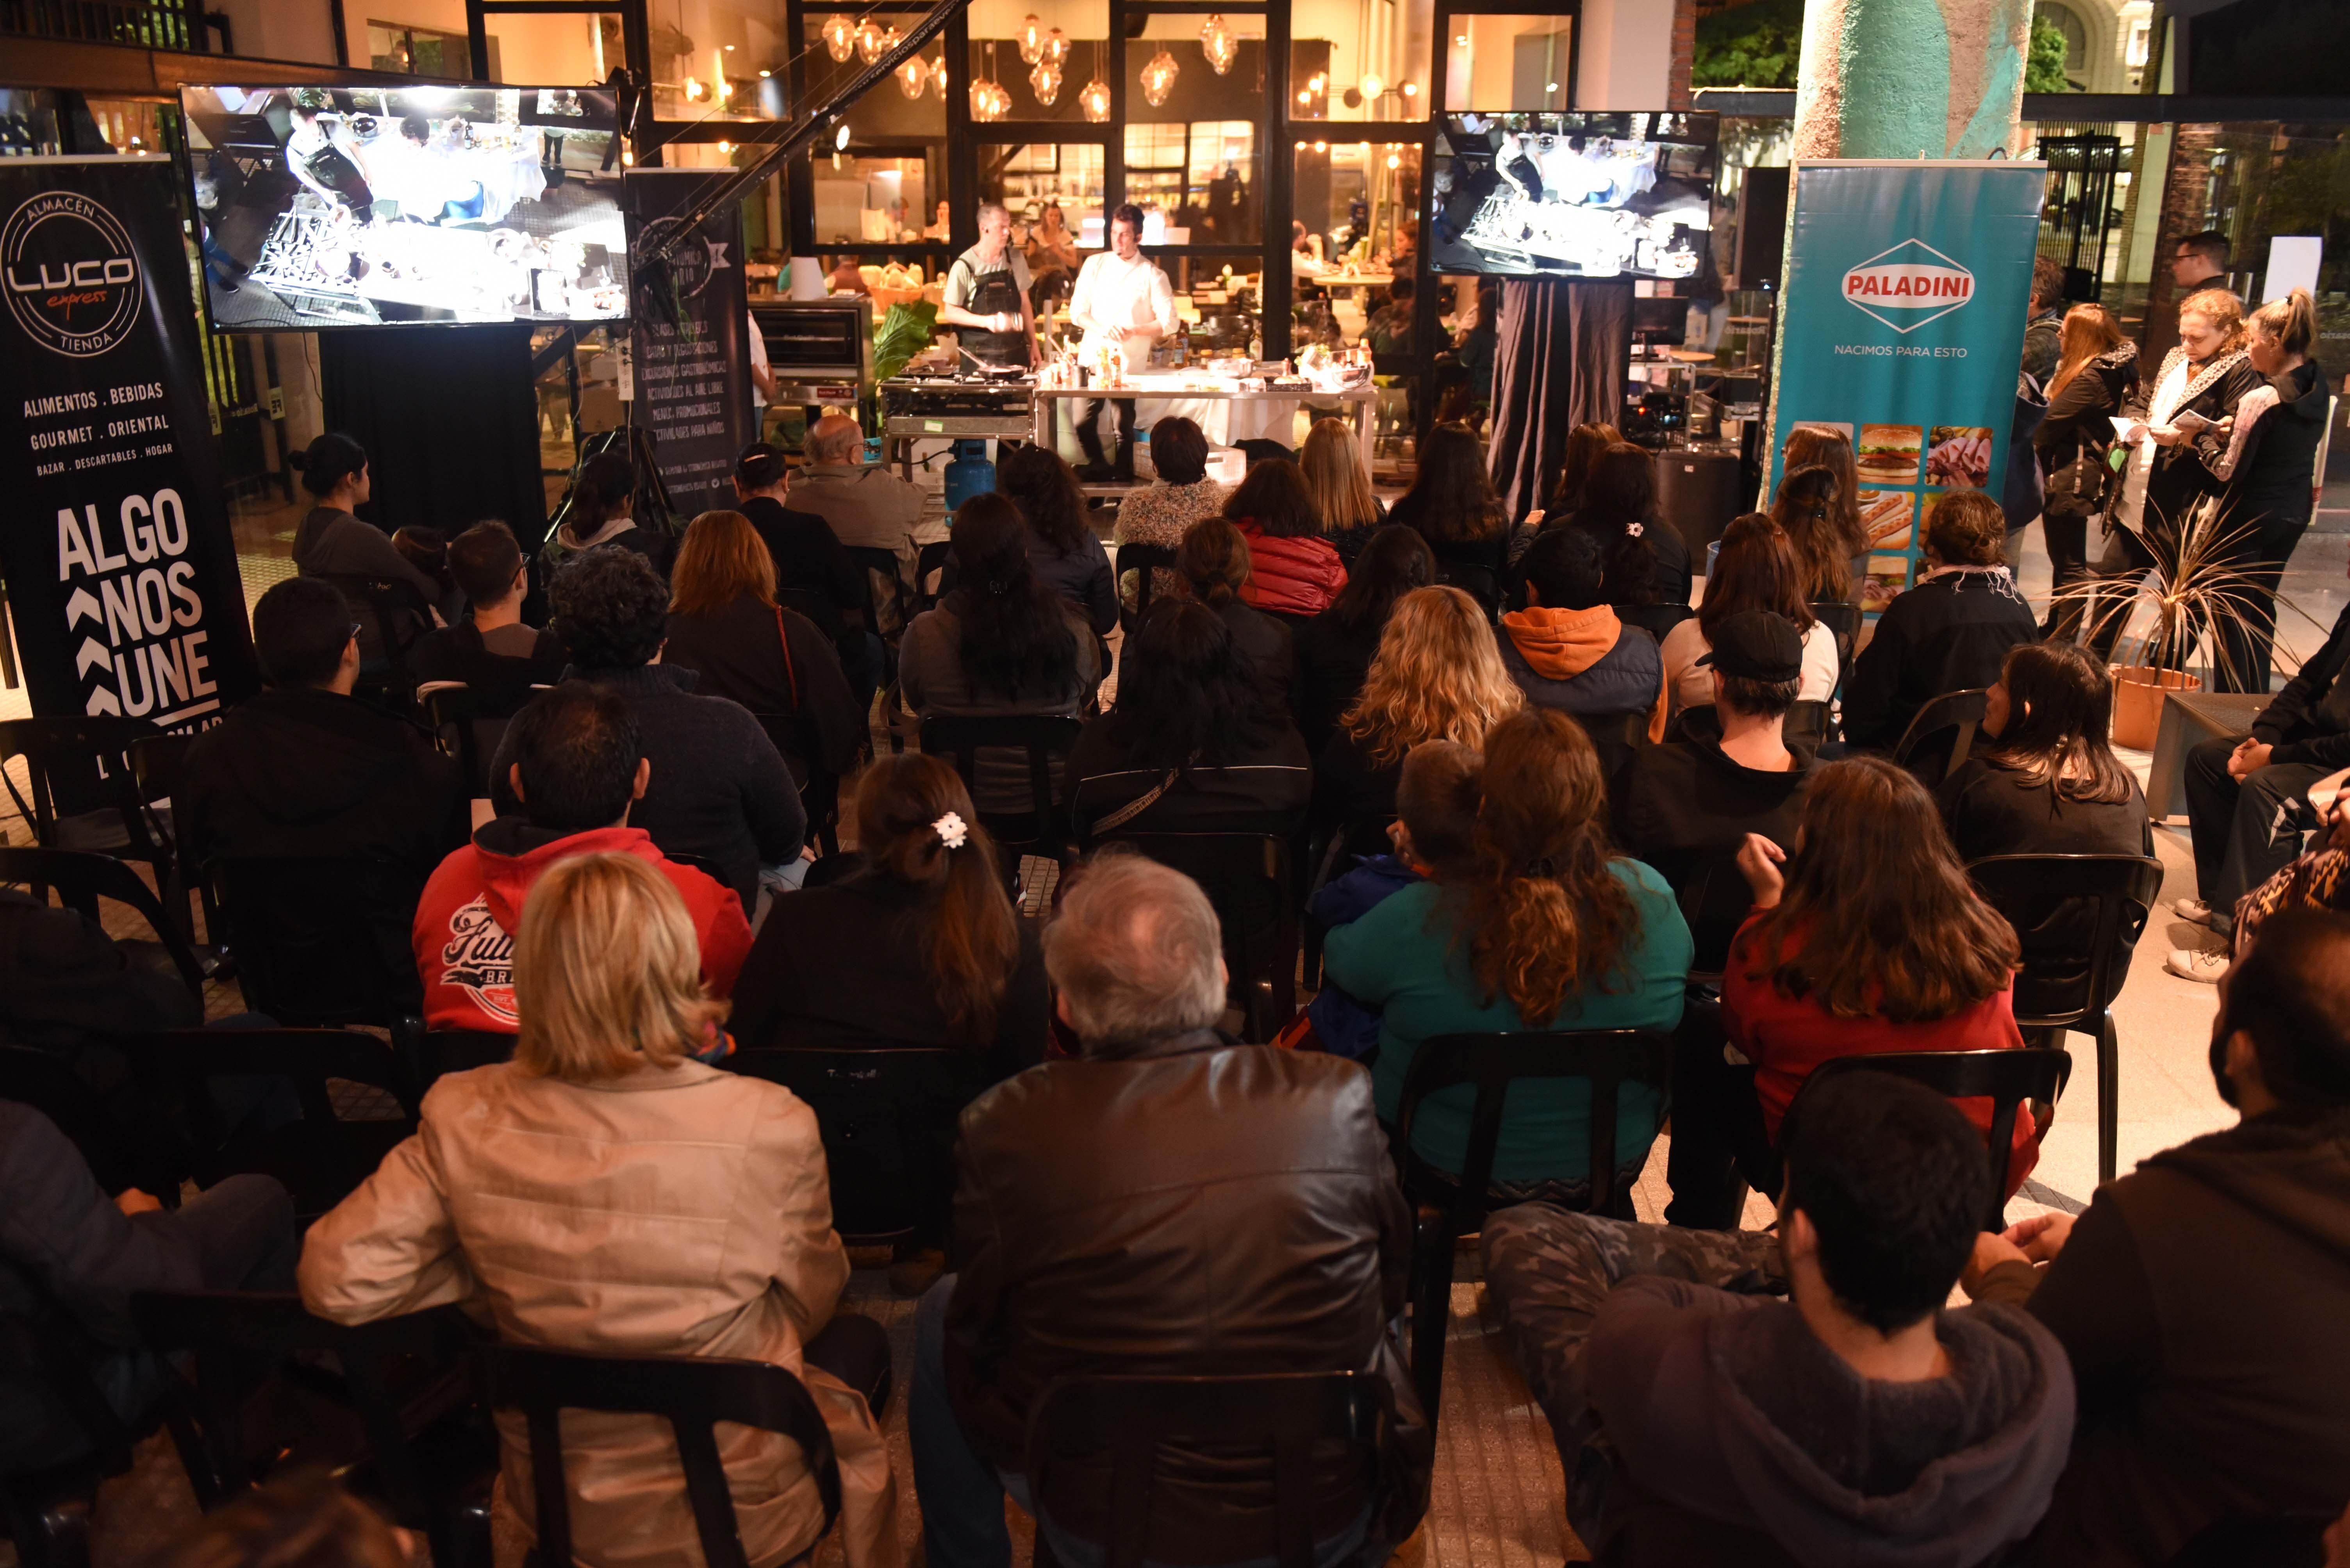 El cierre contará con talleres para aprender de cocina y charlas de másters.